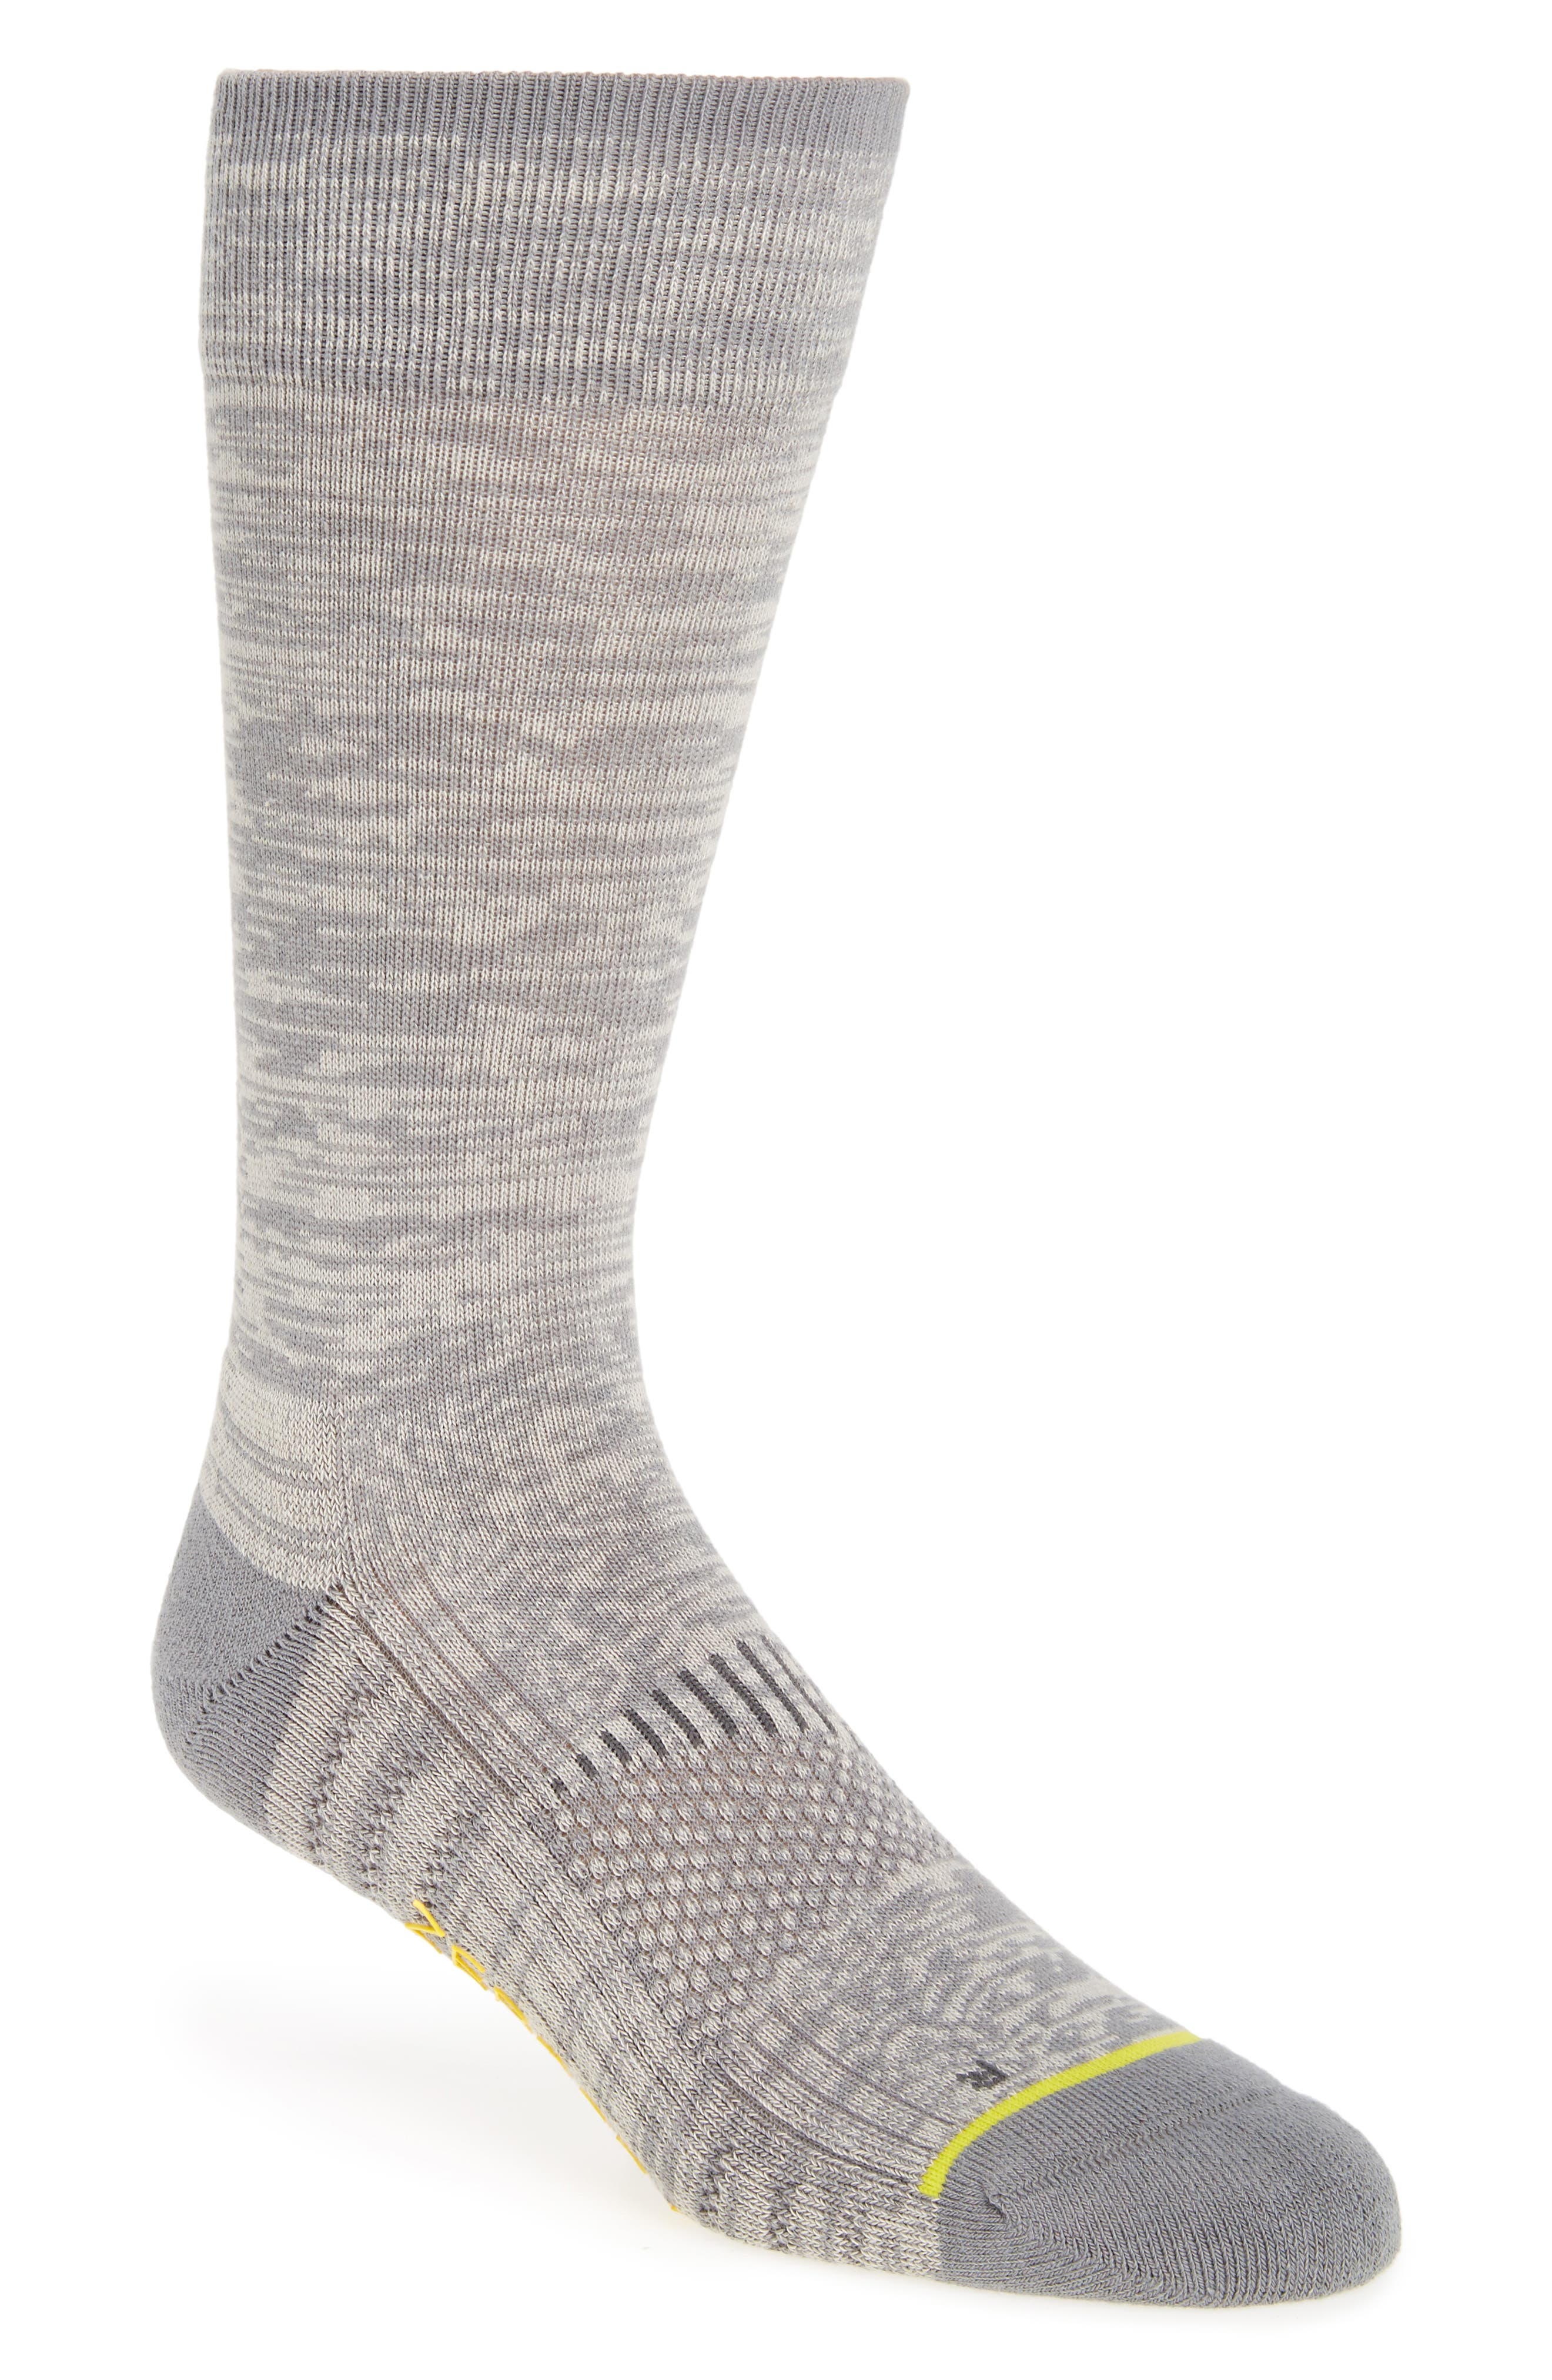 ZeroGrand Random Feed Crew Socks,                         Main,                         color, 039